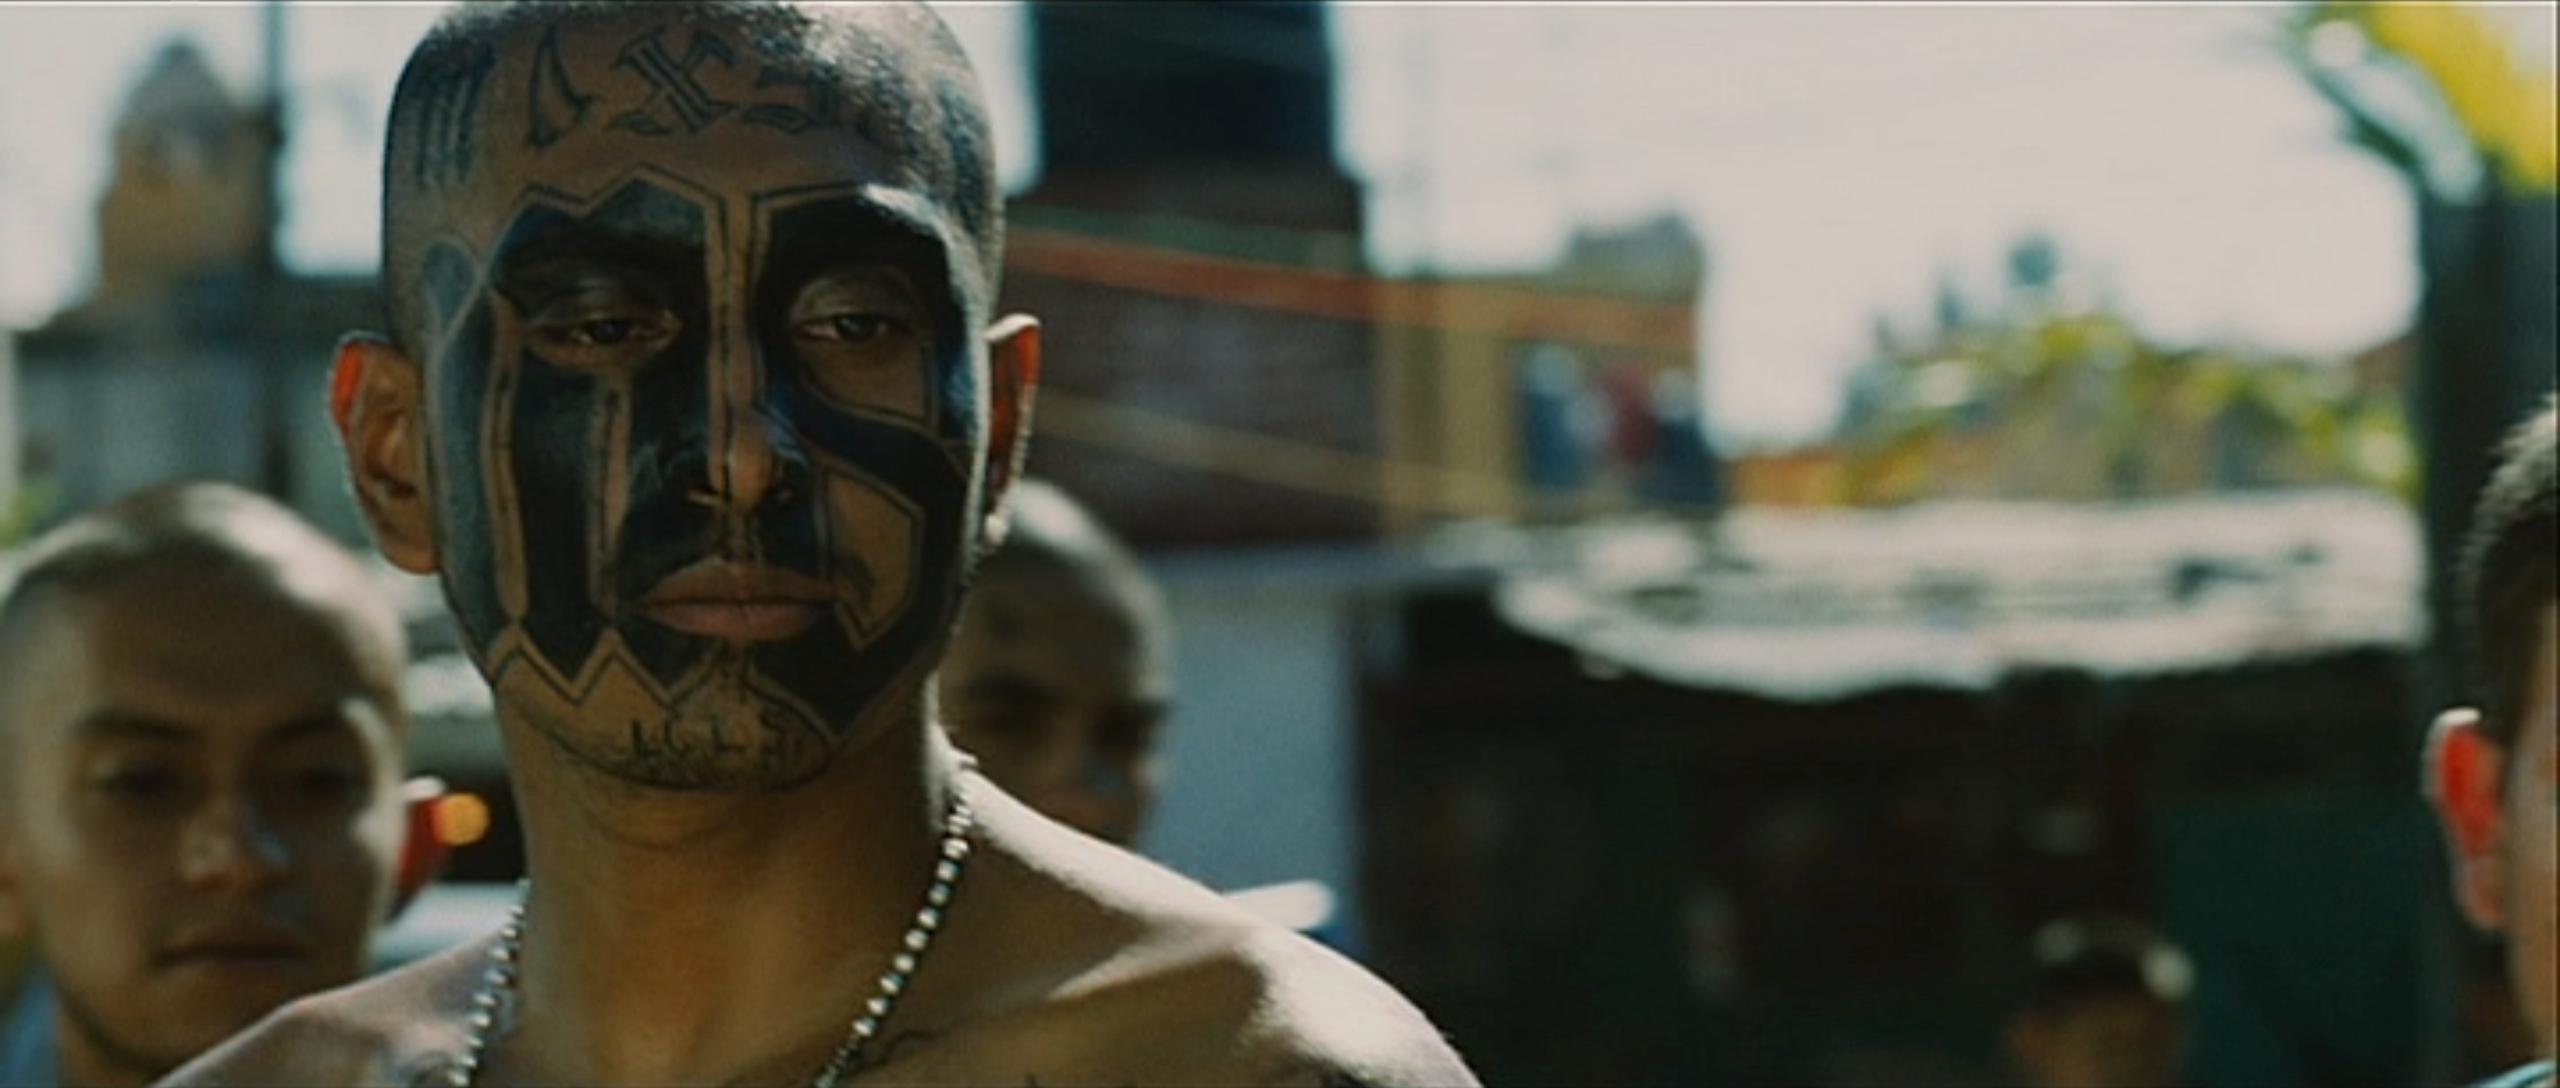 ... et entièrement consacré à la symbolique des gangs centraméricains.